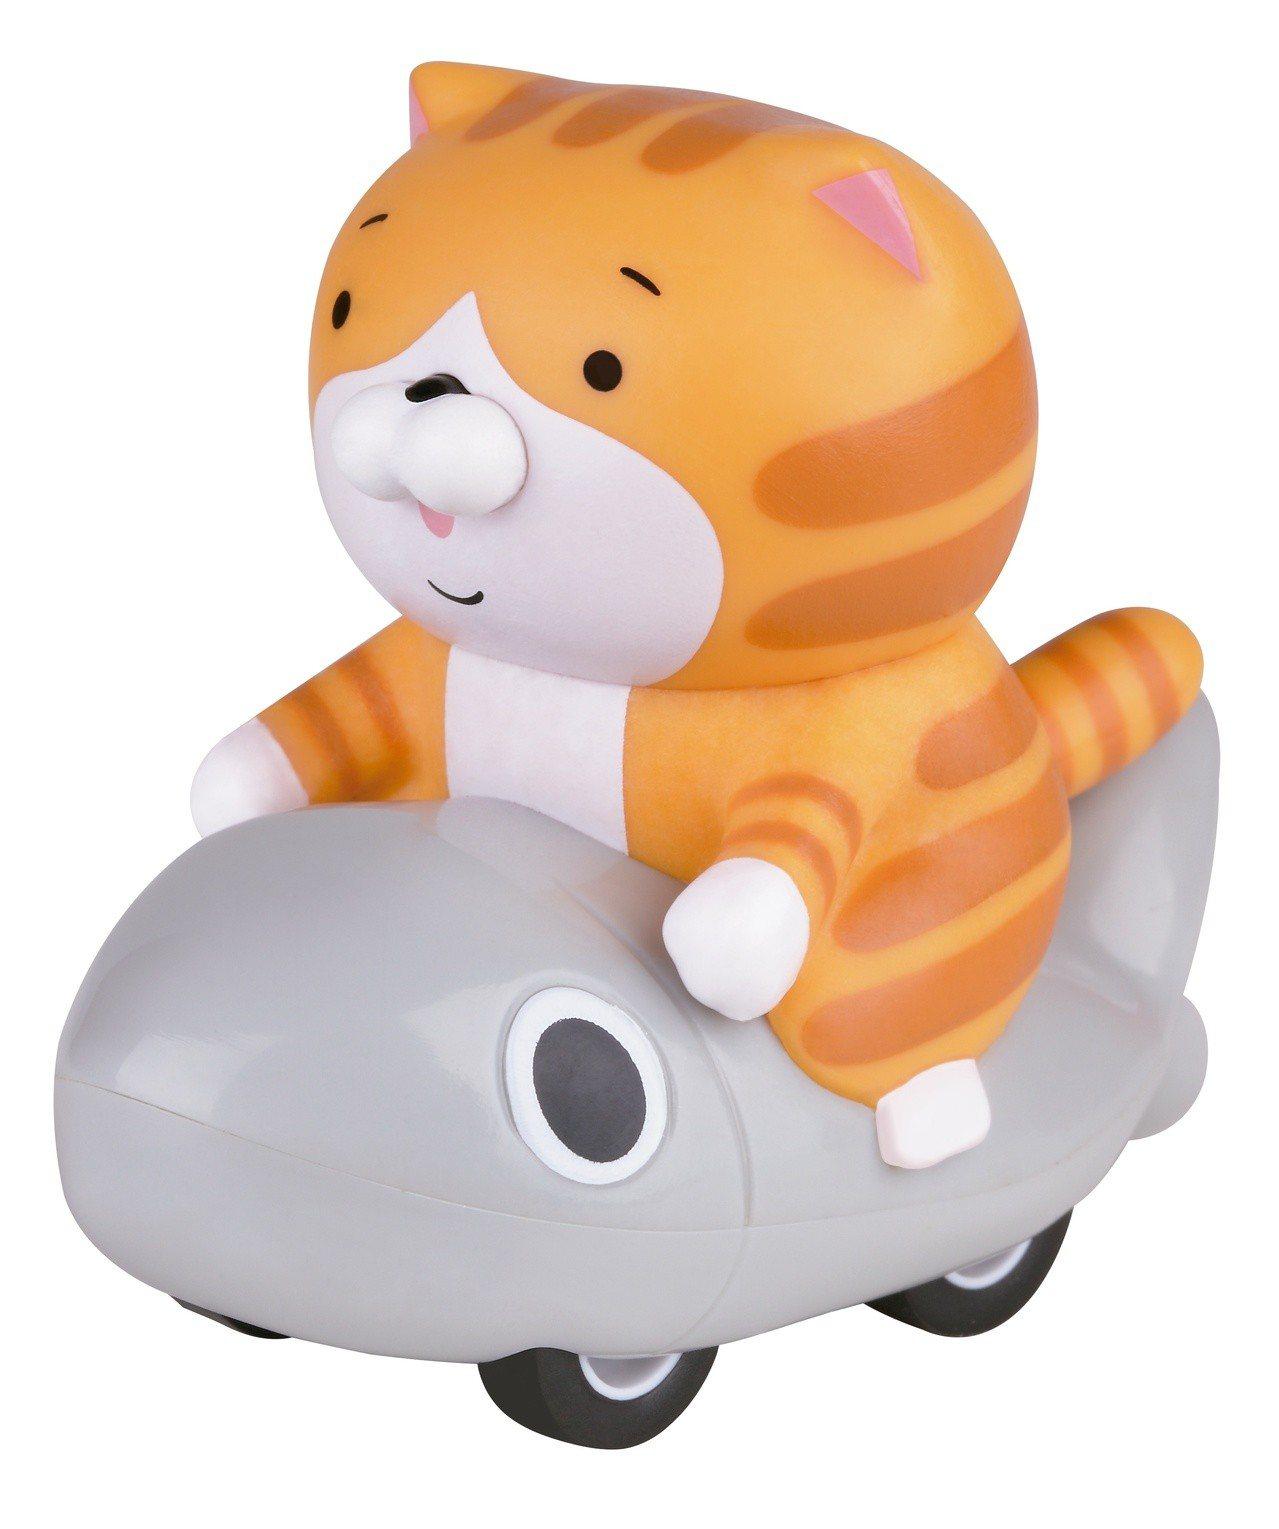 白爛貓「最愛那條魚迴力車」魚飆車款,7月17日起第二波推出,限量10萬台。圖/全...